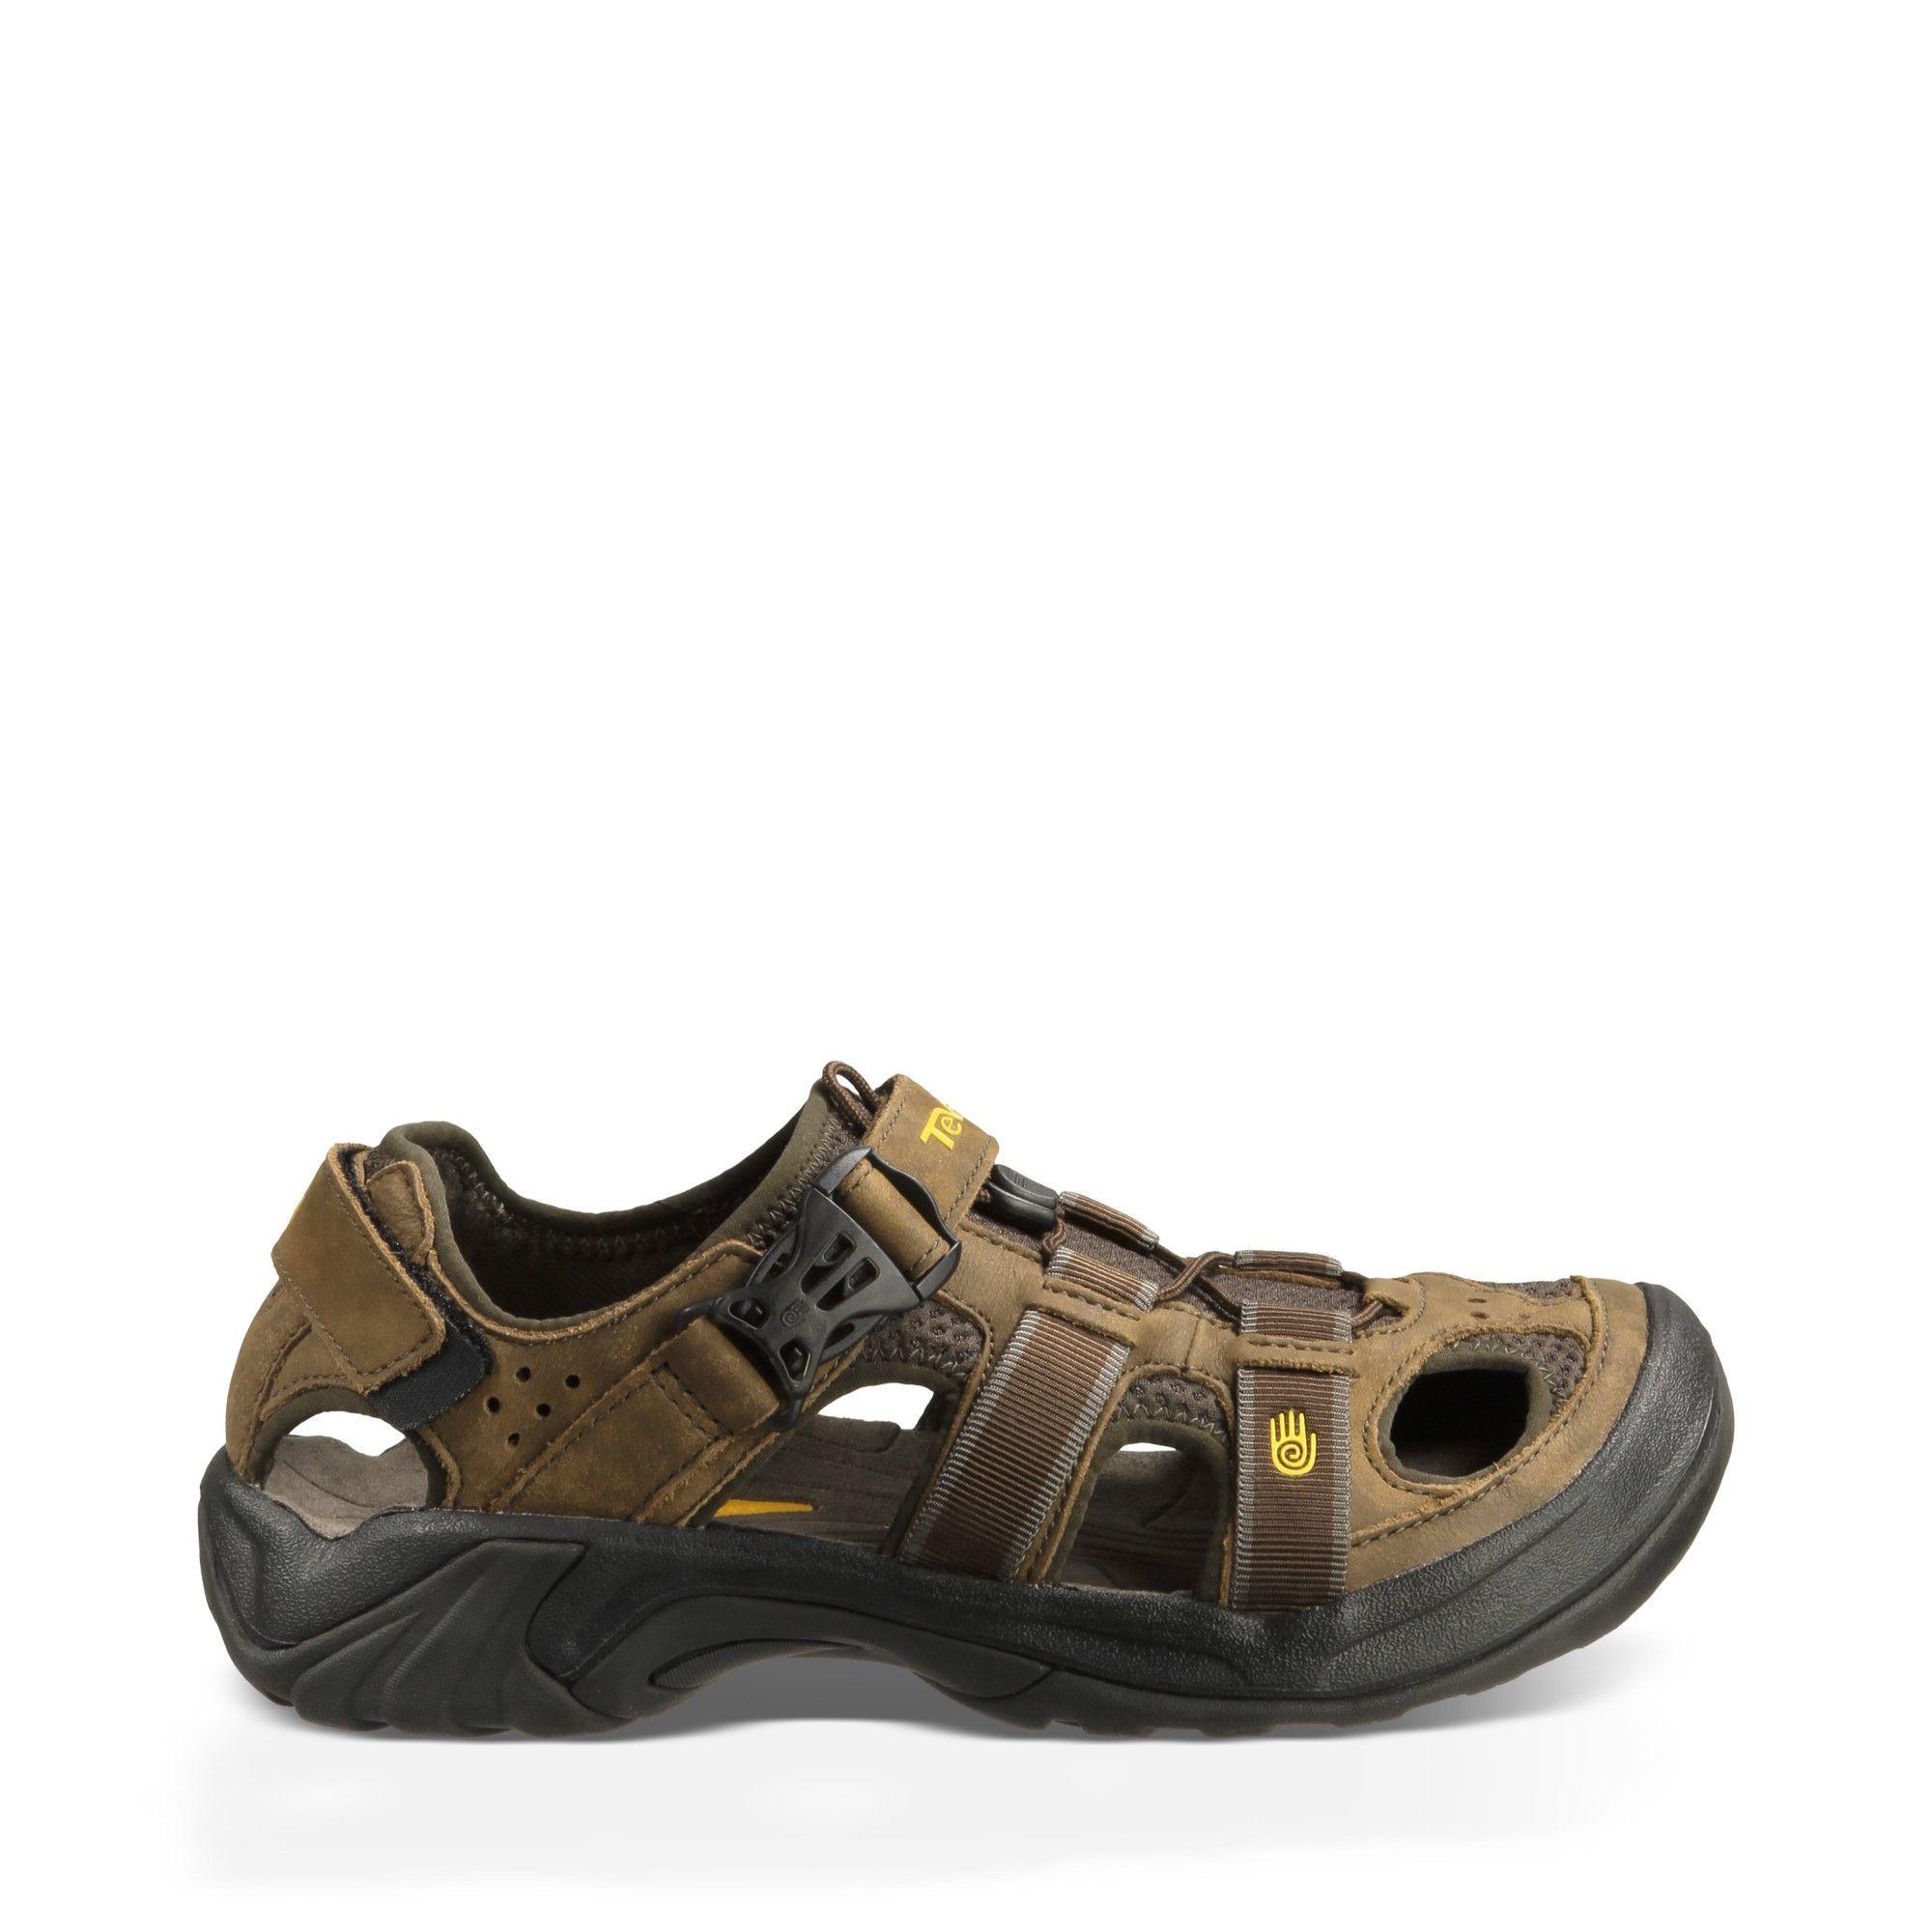 ac7f3e16b5edc Teva Omnium Leather. Teva Omnium Leather Sport Sandals